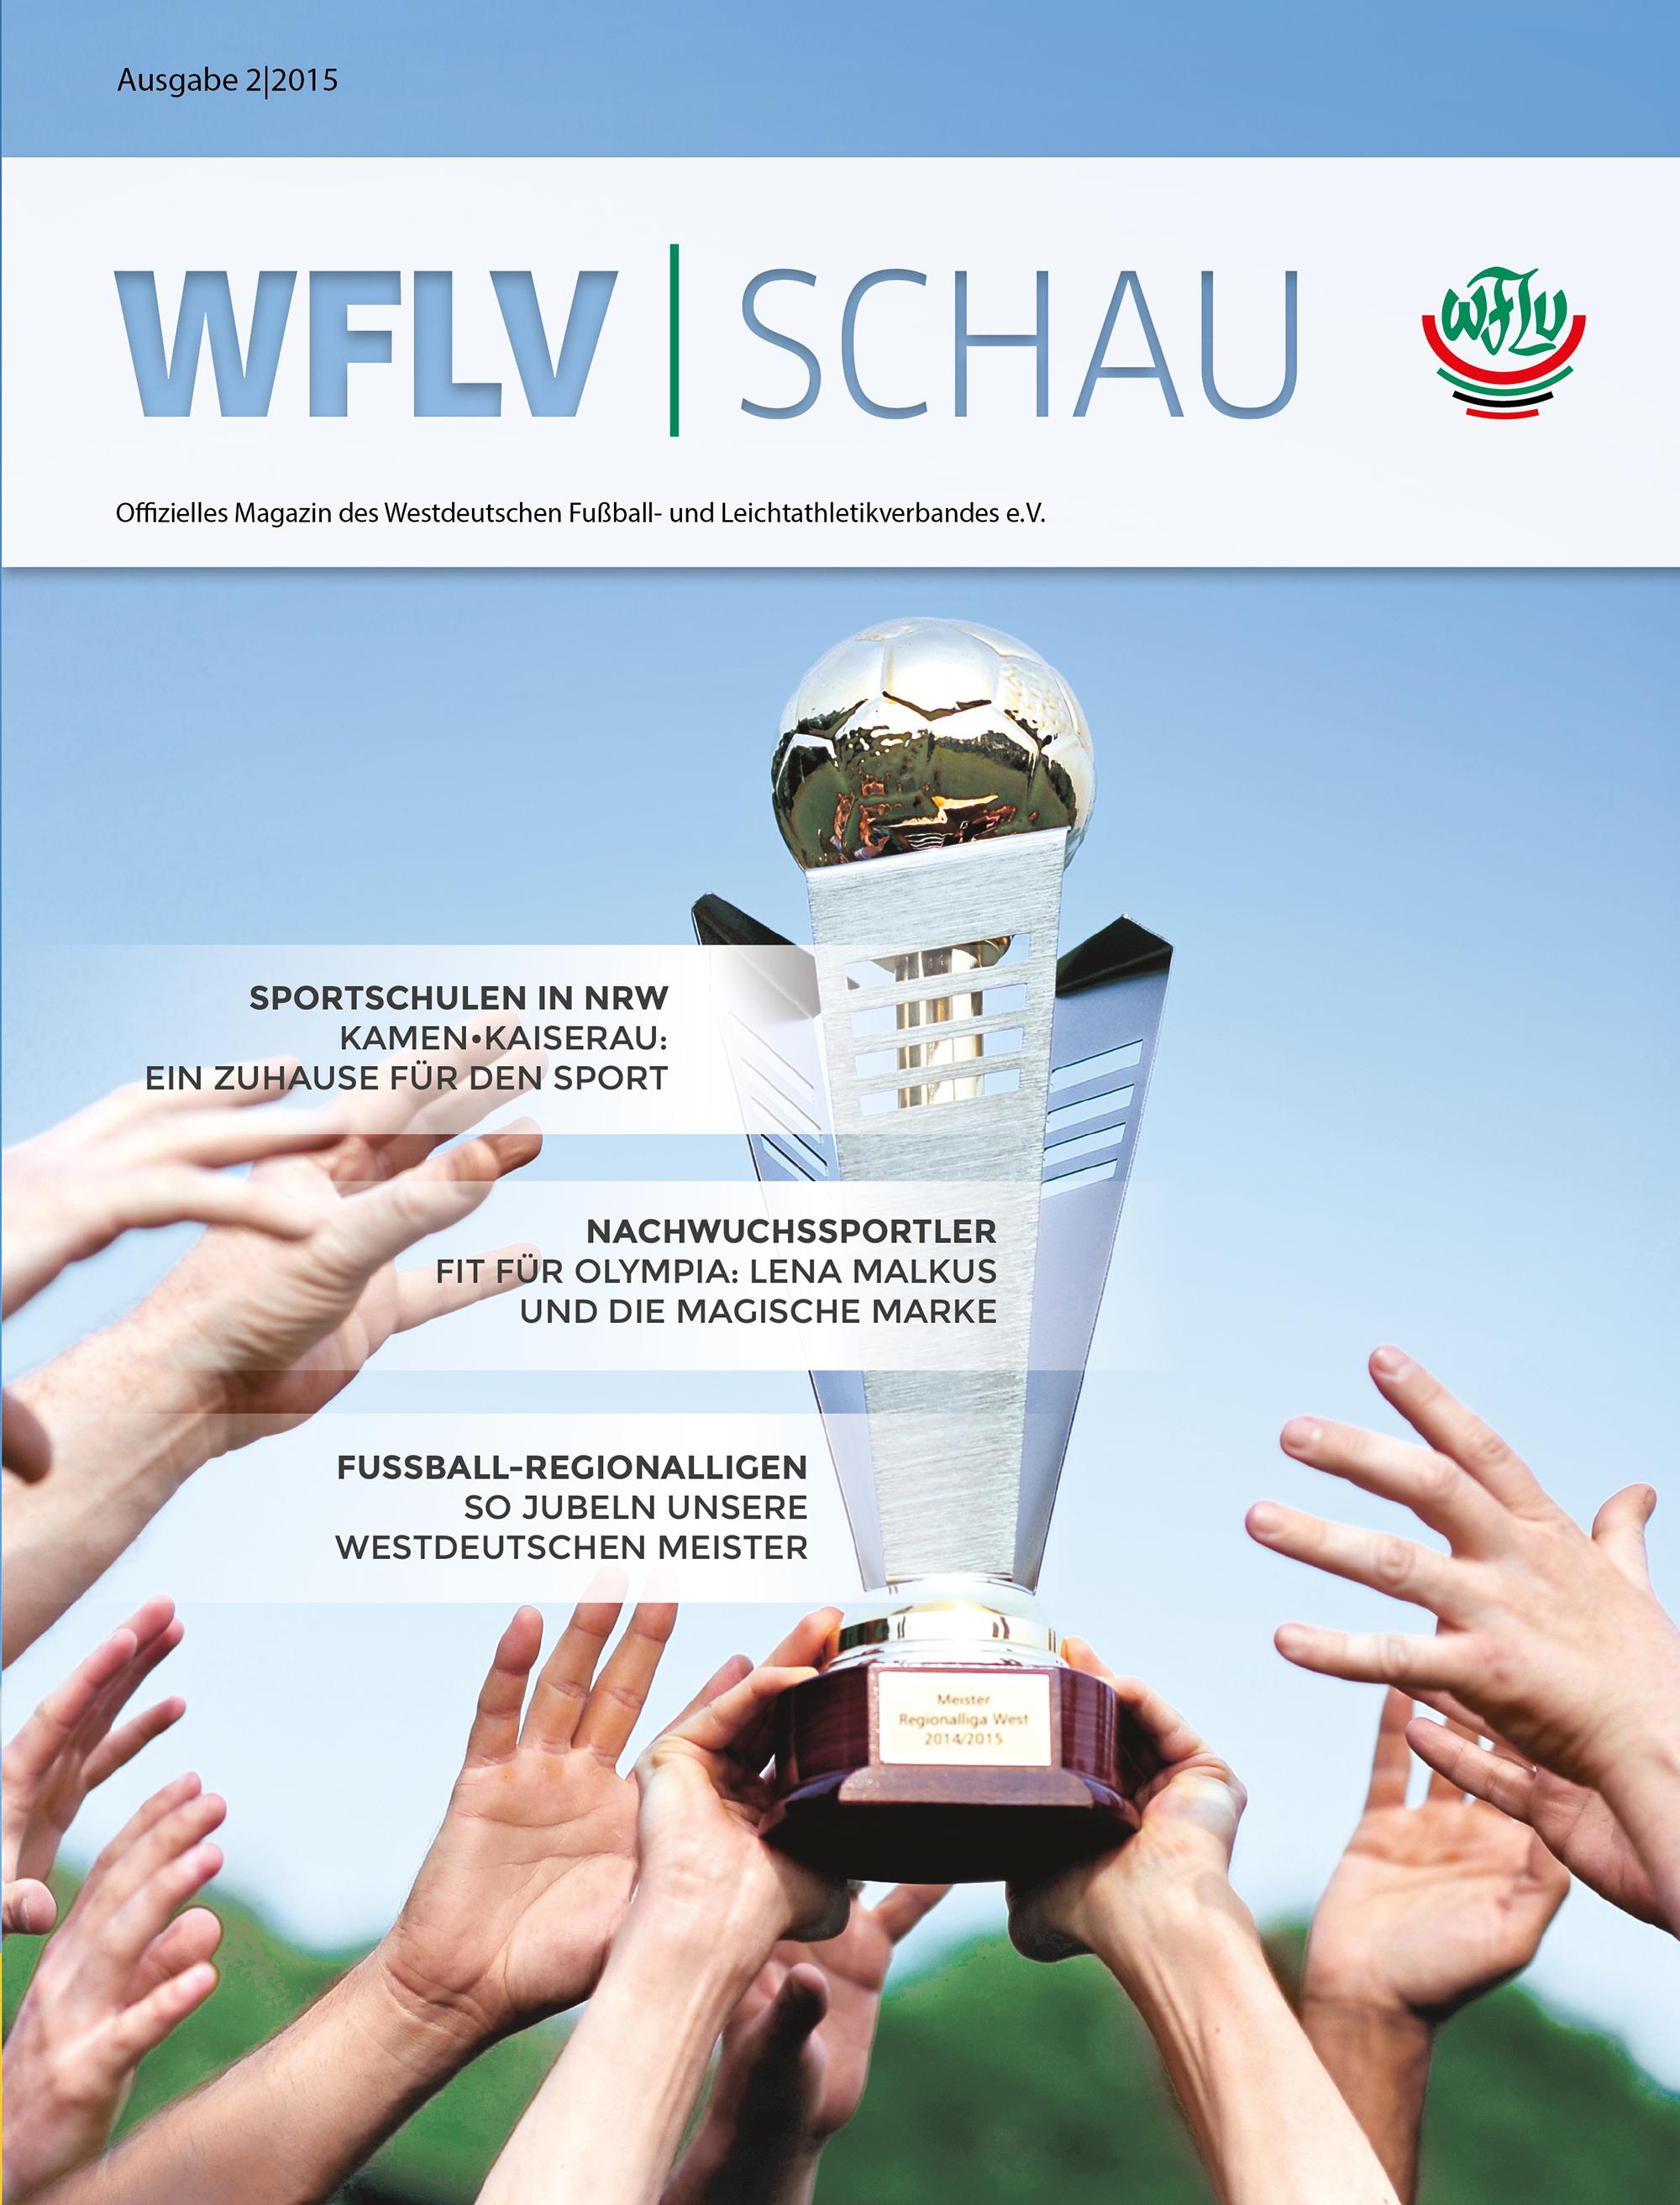 WFLV-SCHAU_2015_02